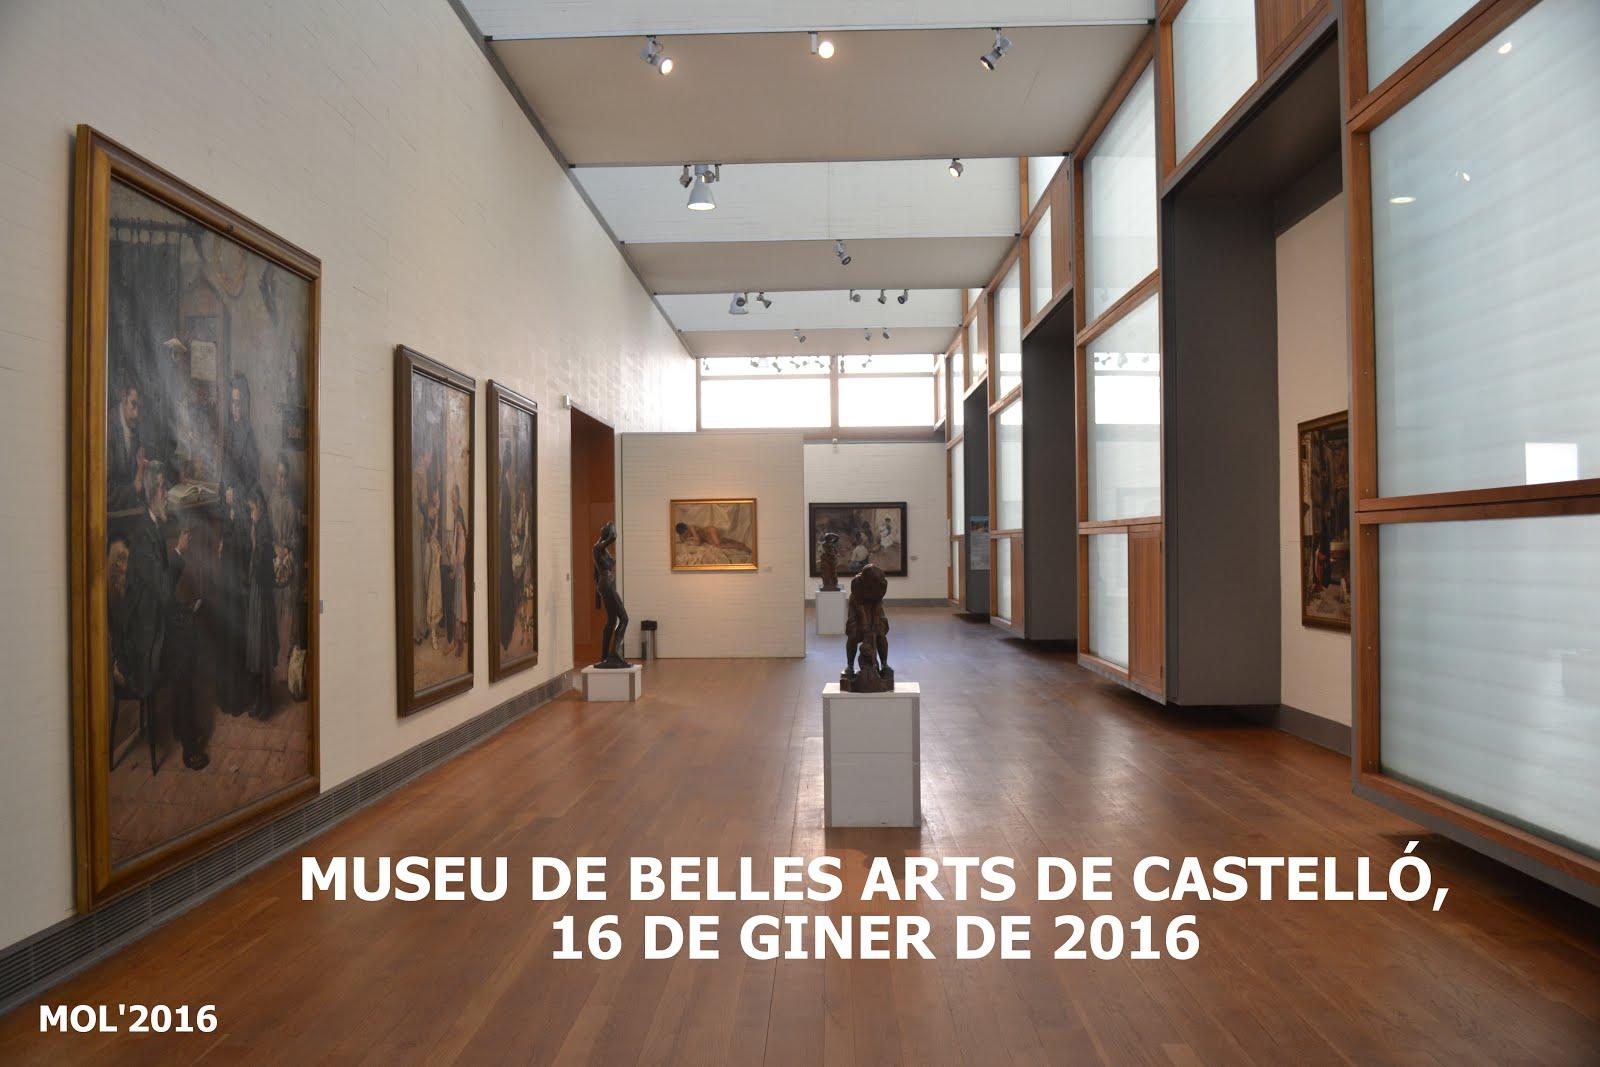 16.01.16 MUSEU DE BELLES ARTS DE CASTELLÓ, PATRIMO- NI CULTURAL VALENCIÀ